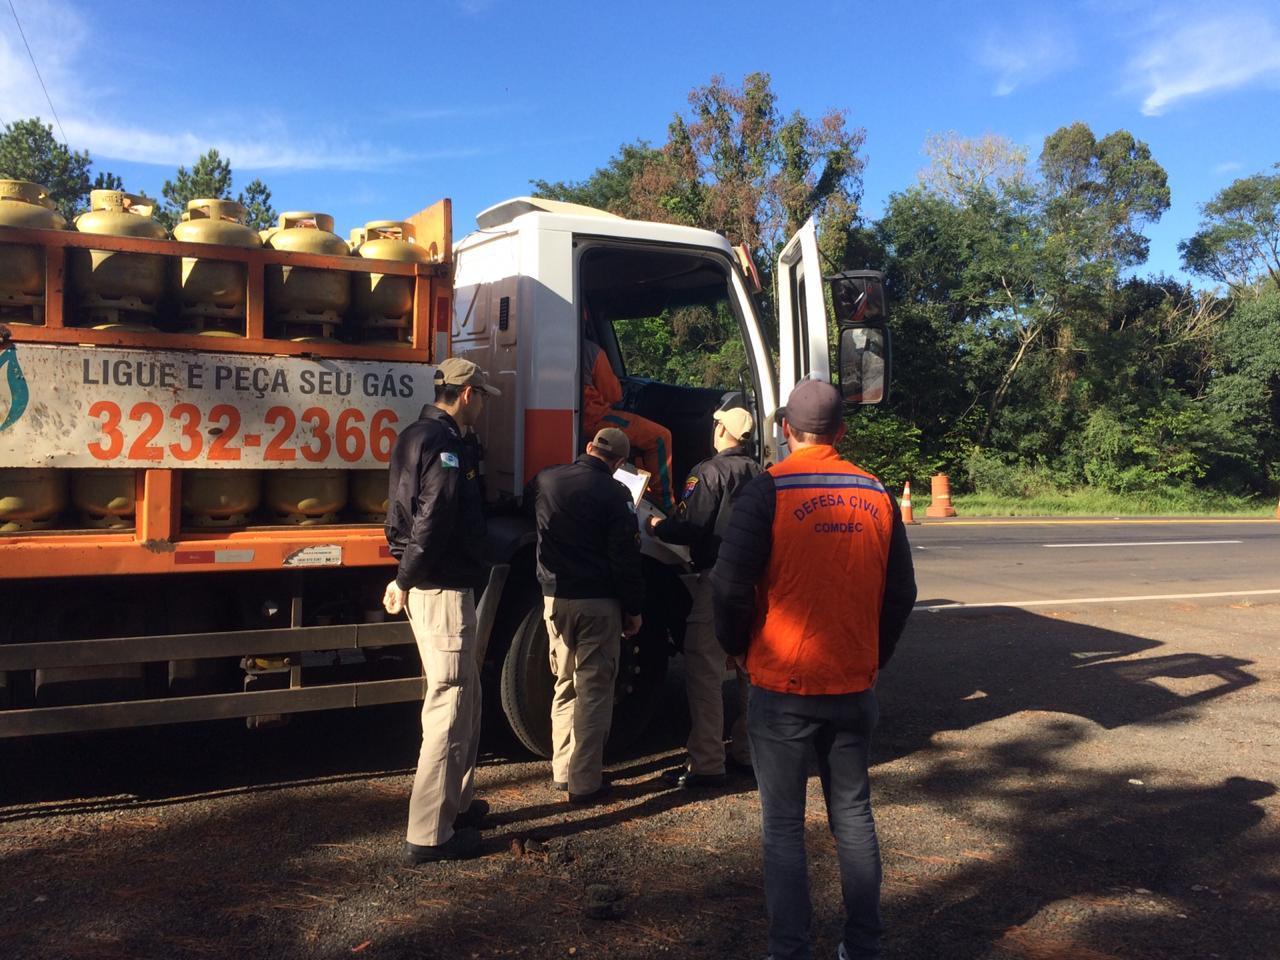 Corpo de Bombeiros realiza fiscalização de produtos perigosos na BR-277 em Laranjeiras do Sul